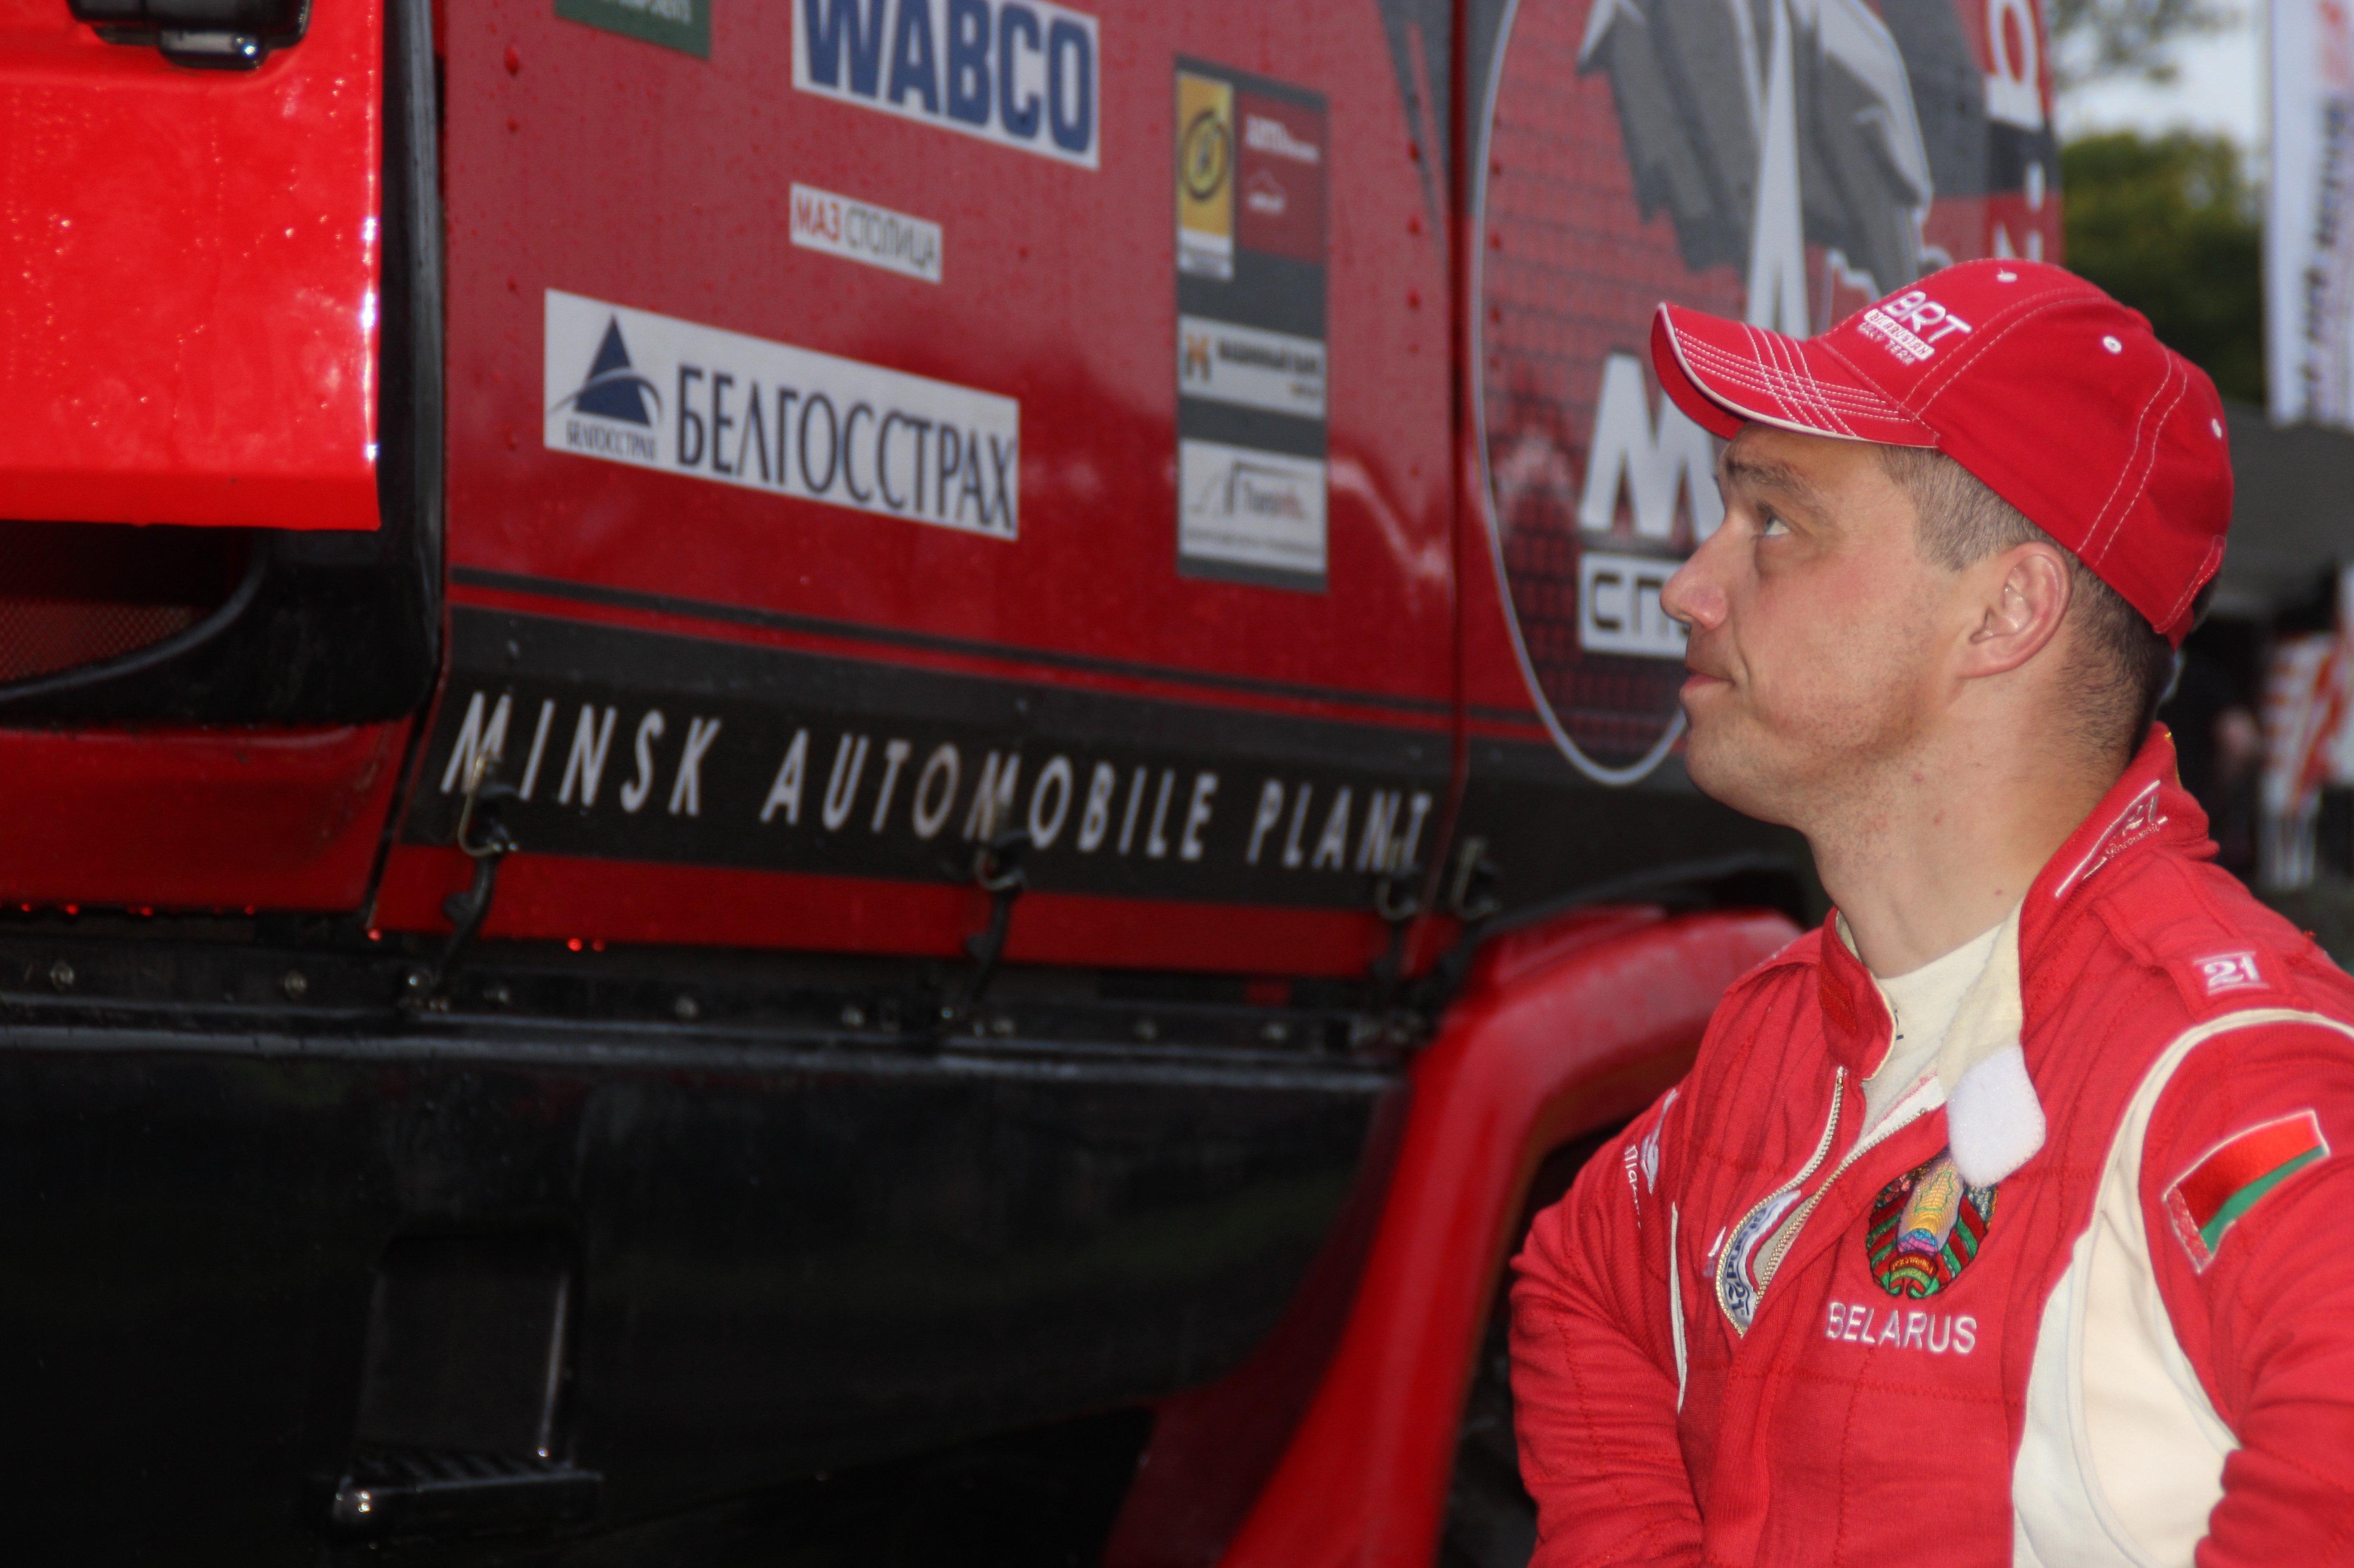 Сергей Вязович и грузовик, в не довезший его до финиша Дакара-2016